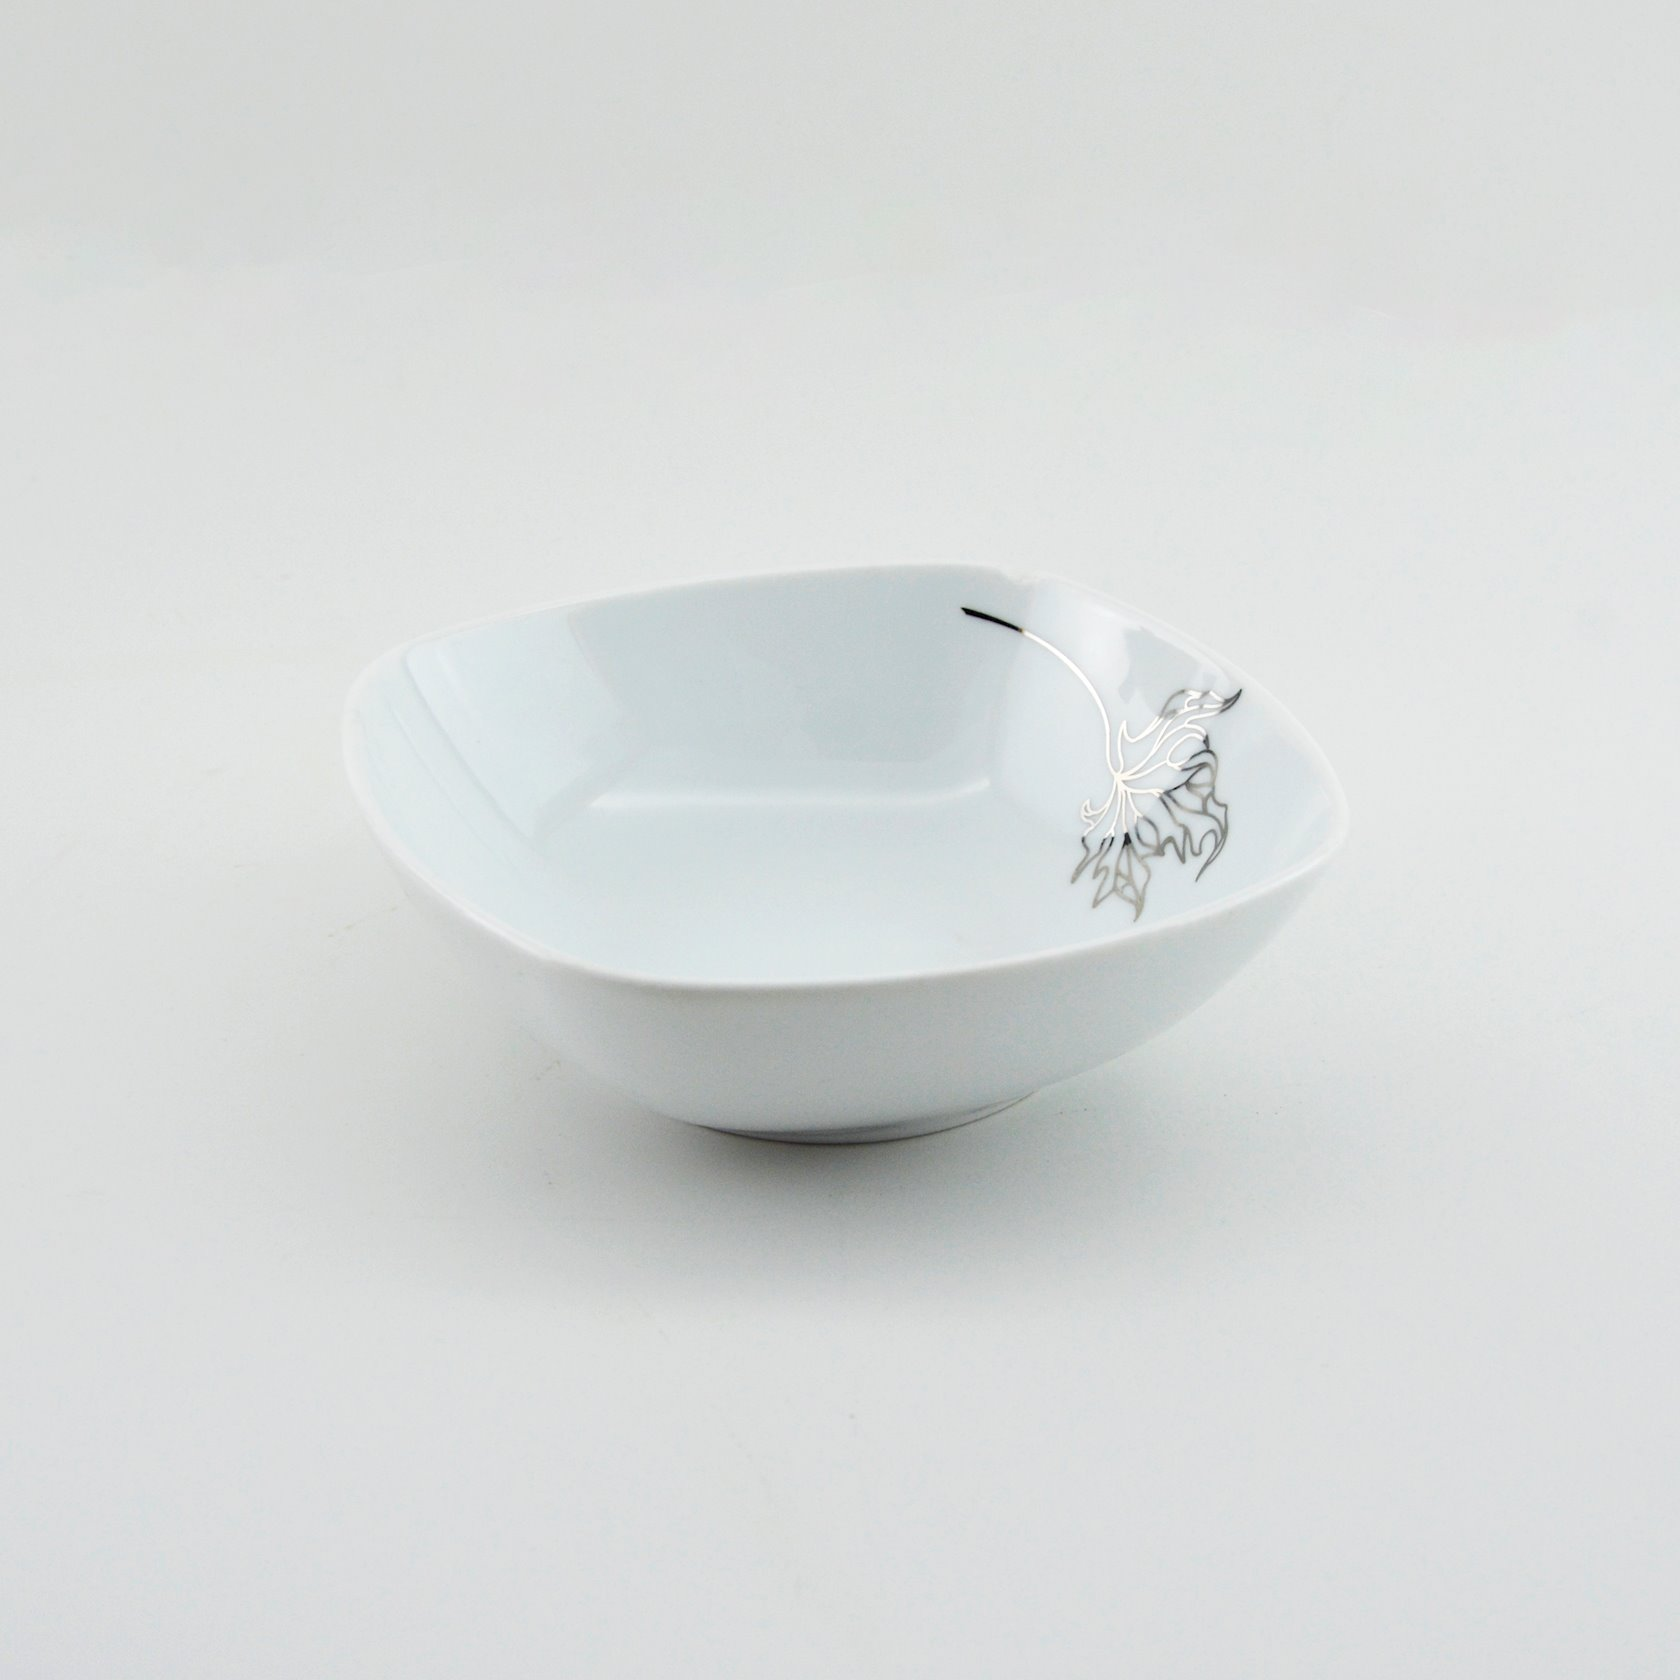 Qab dəsti Kütahya Porselen KCMD82YT9014674, şüşə, ağ